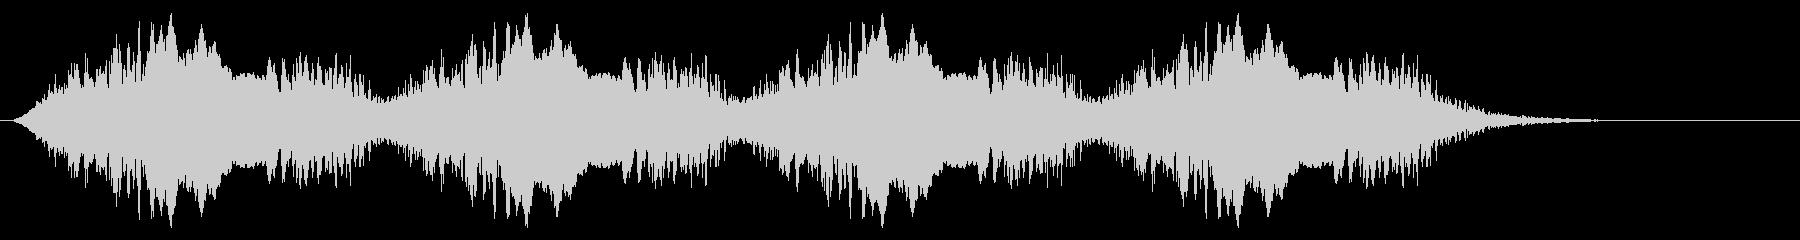 警告音 サイレン02-08(リバーブ 遅の未再生の波形